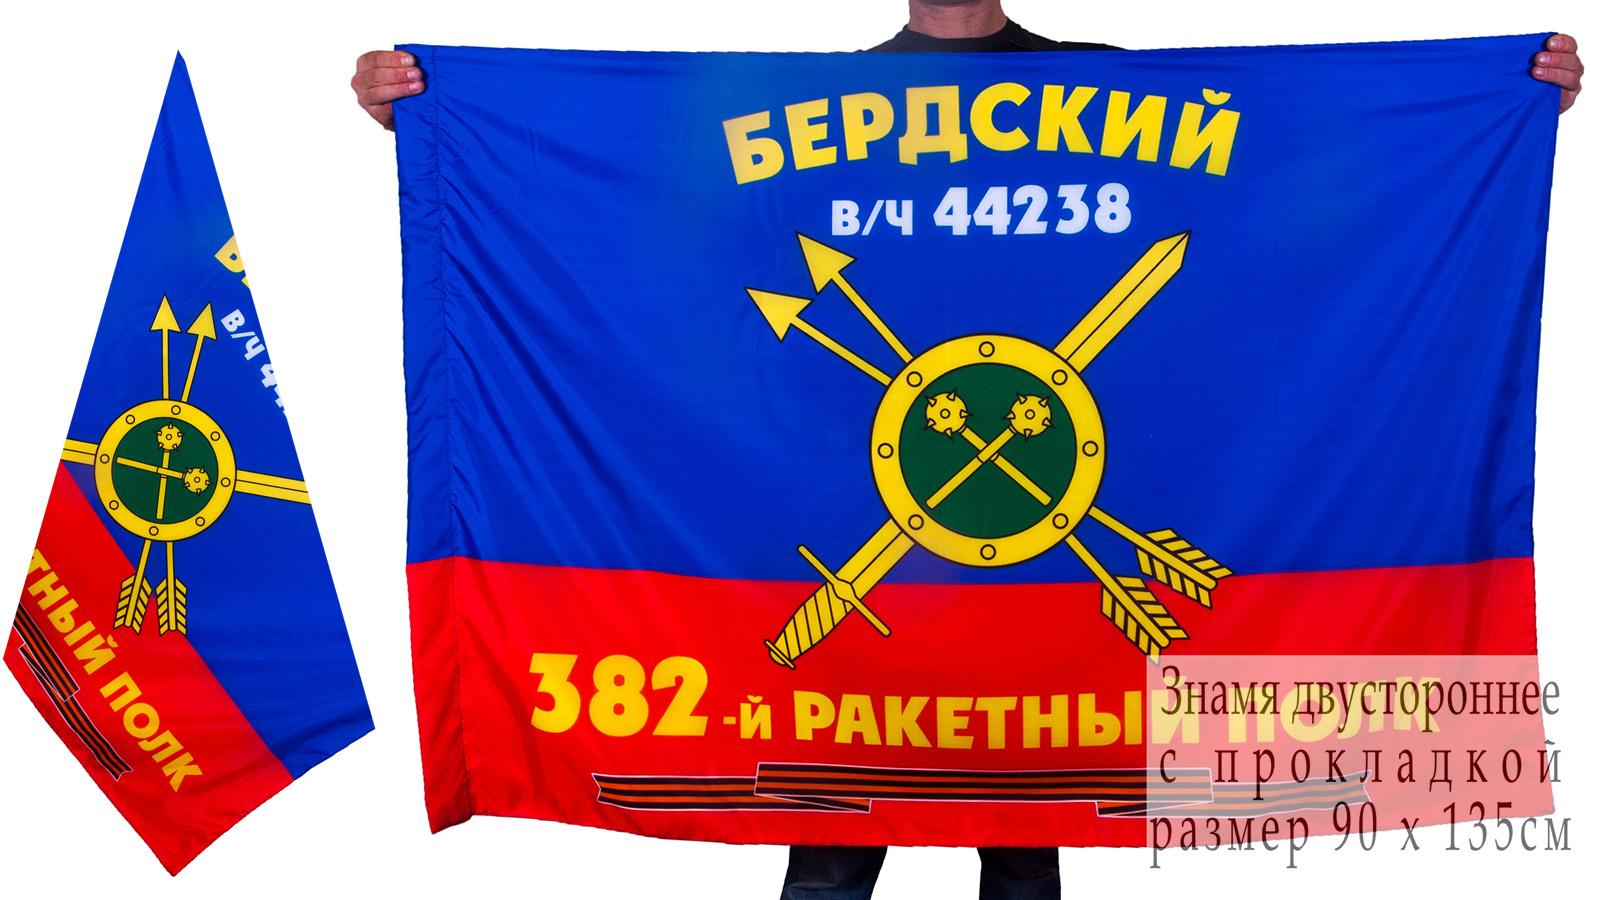 Знамя 382-го ракетного полка РВСН